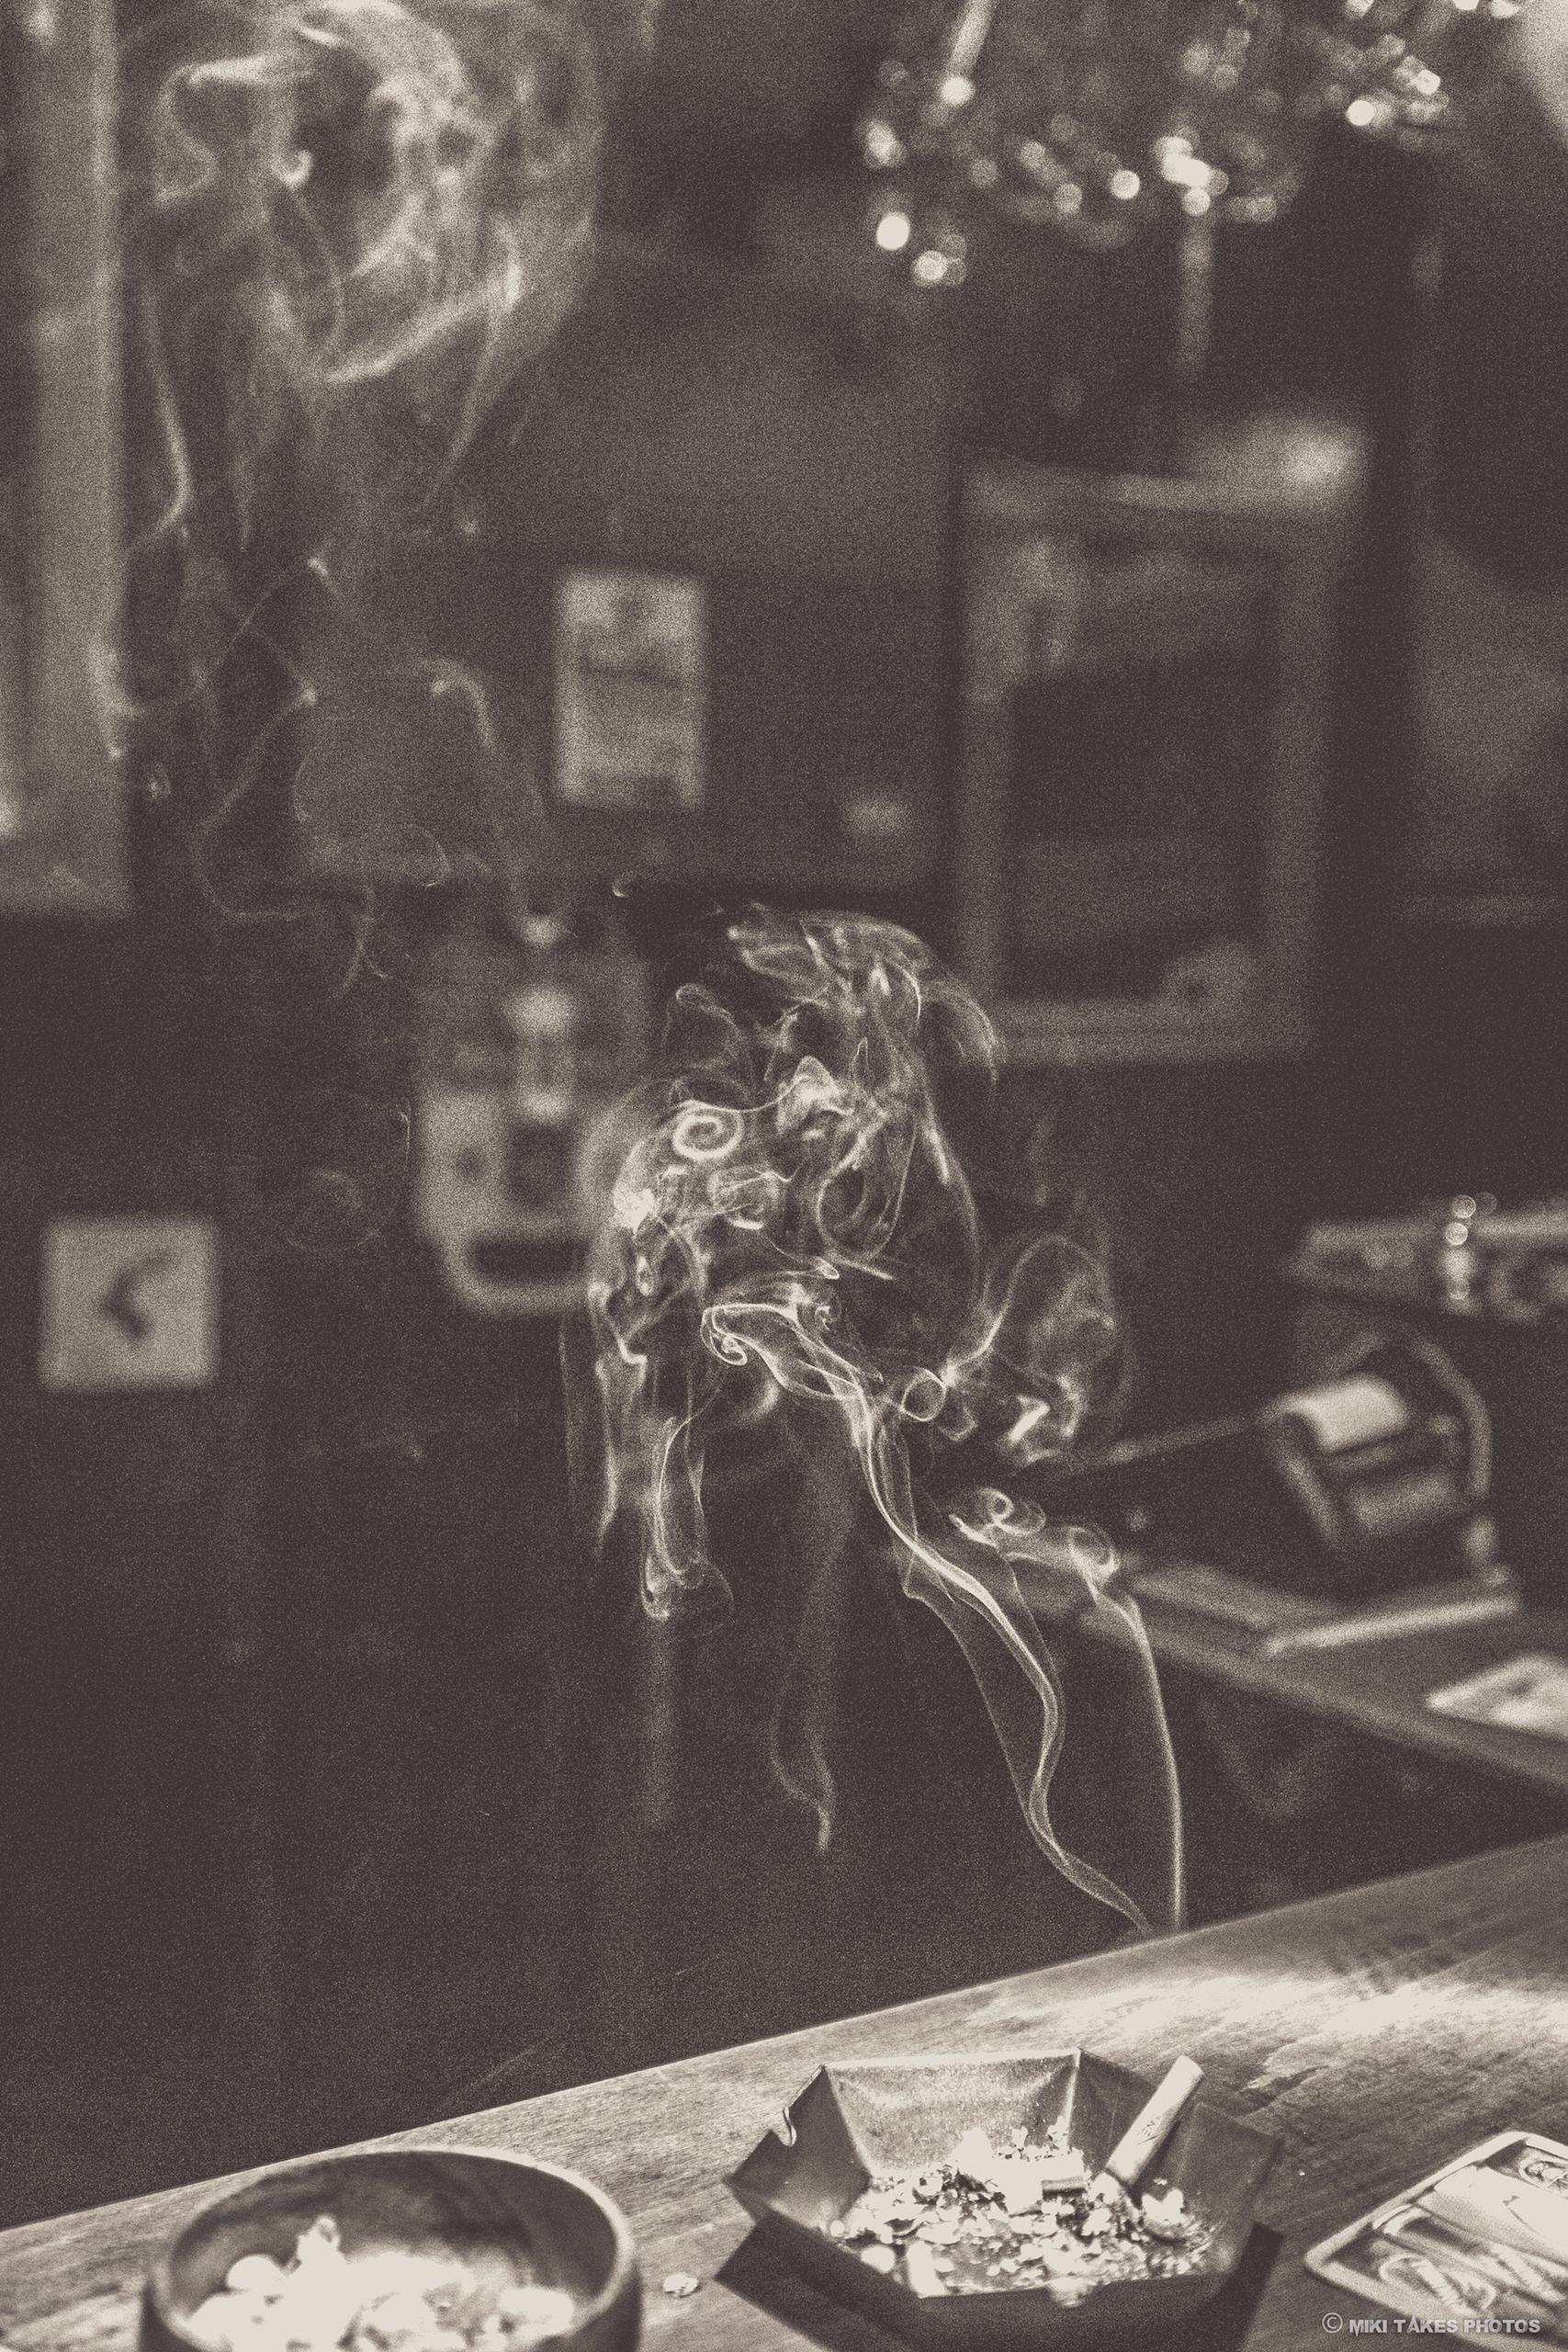 Smoky bar   Istanbul, Turkey - photography - mikitakesphotos   ello